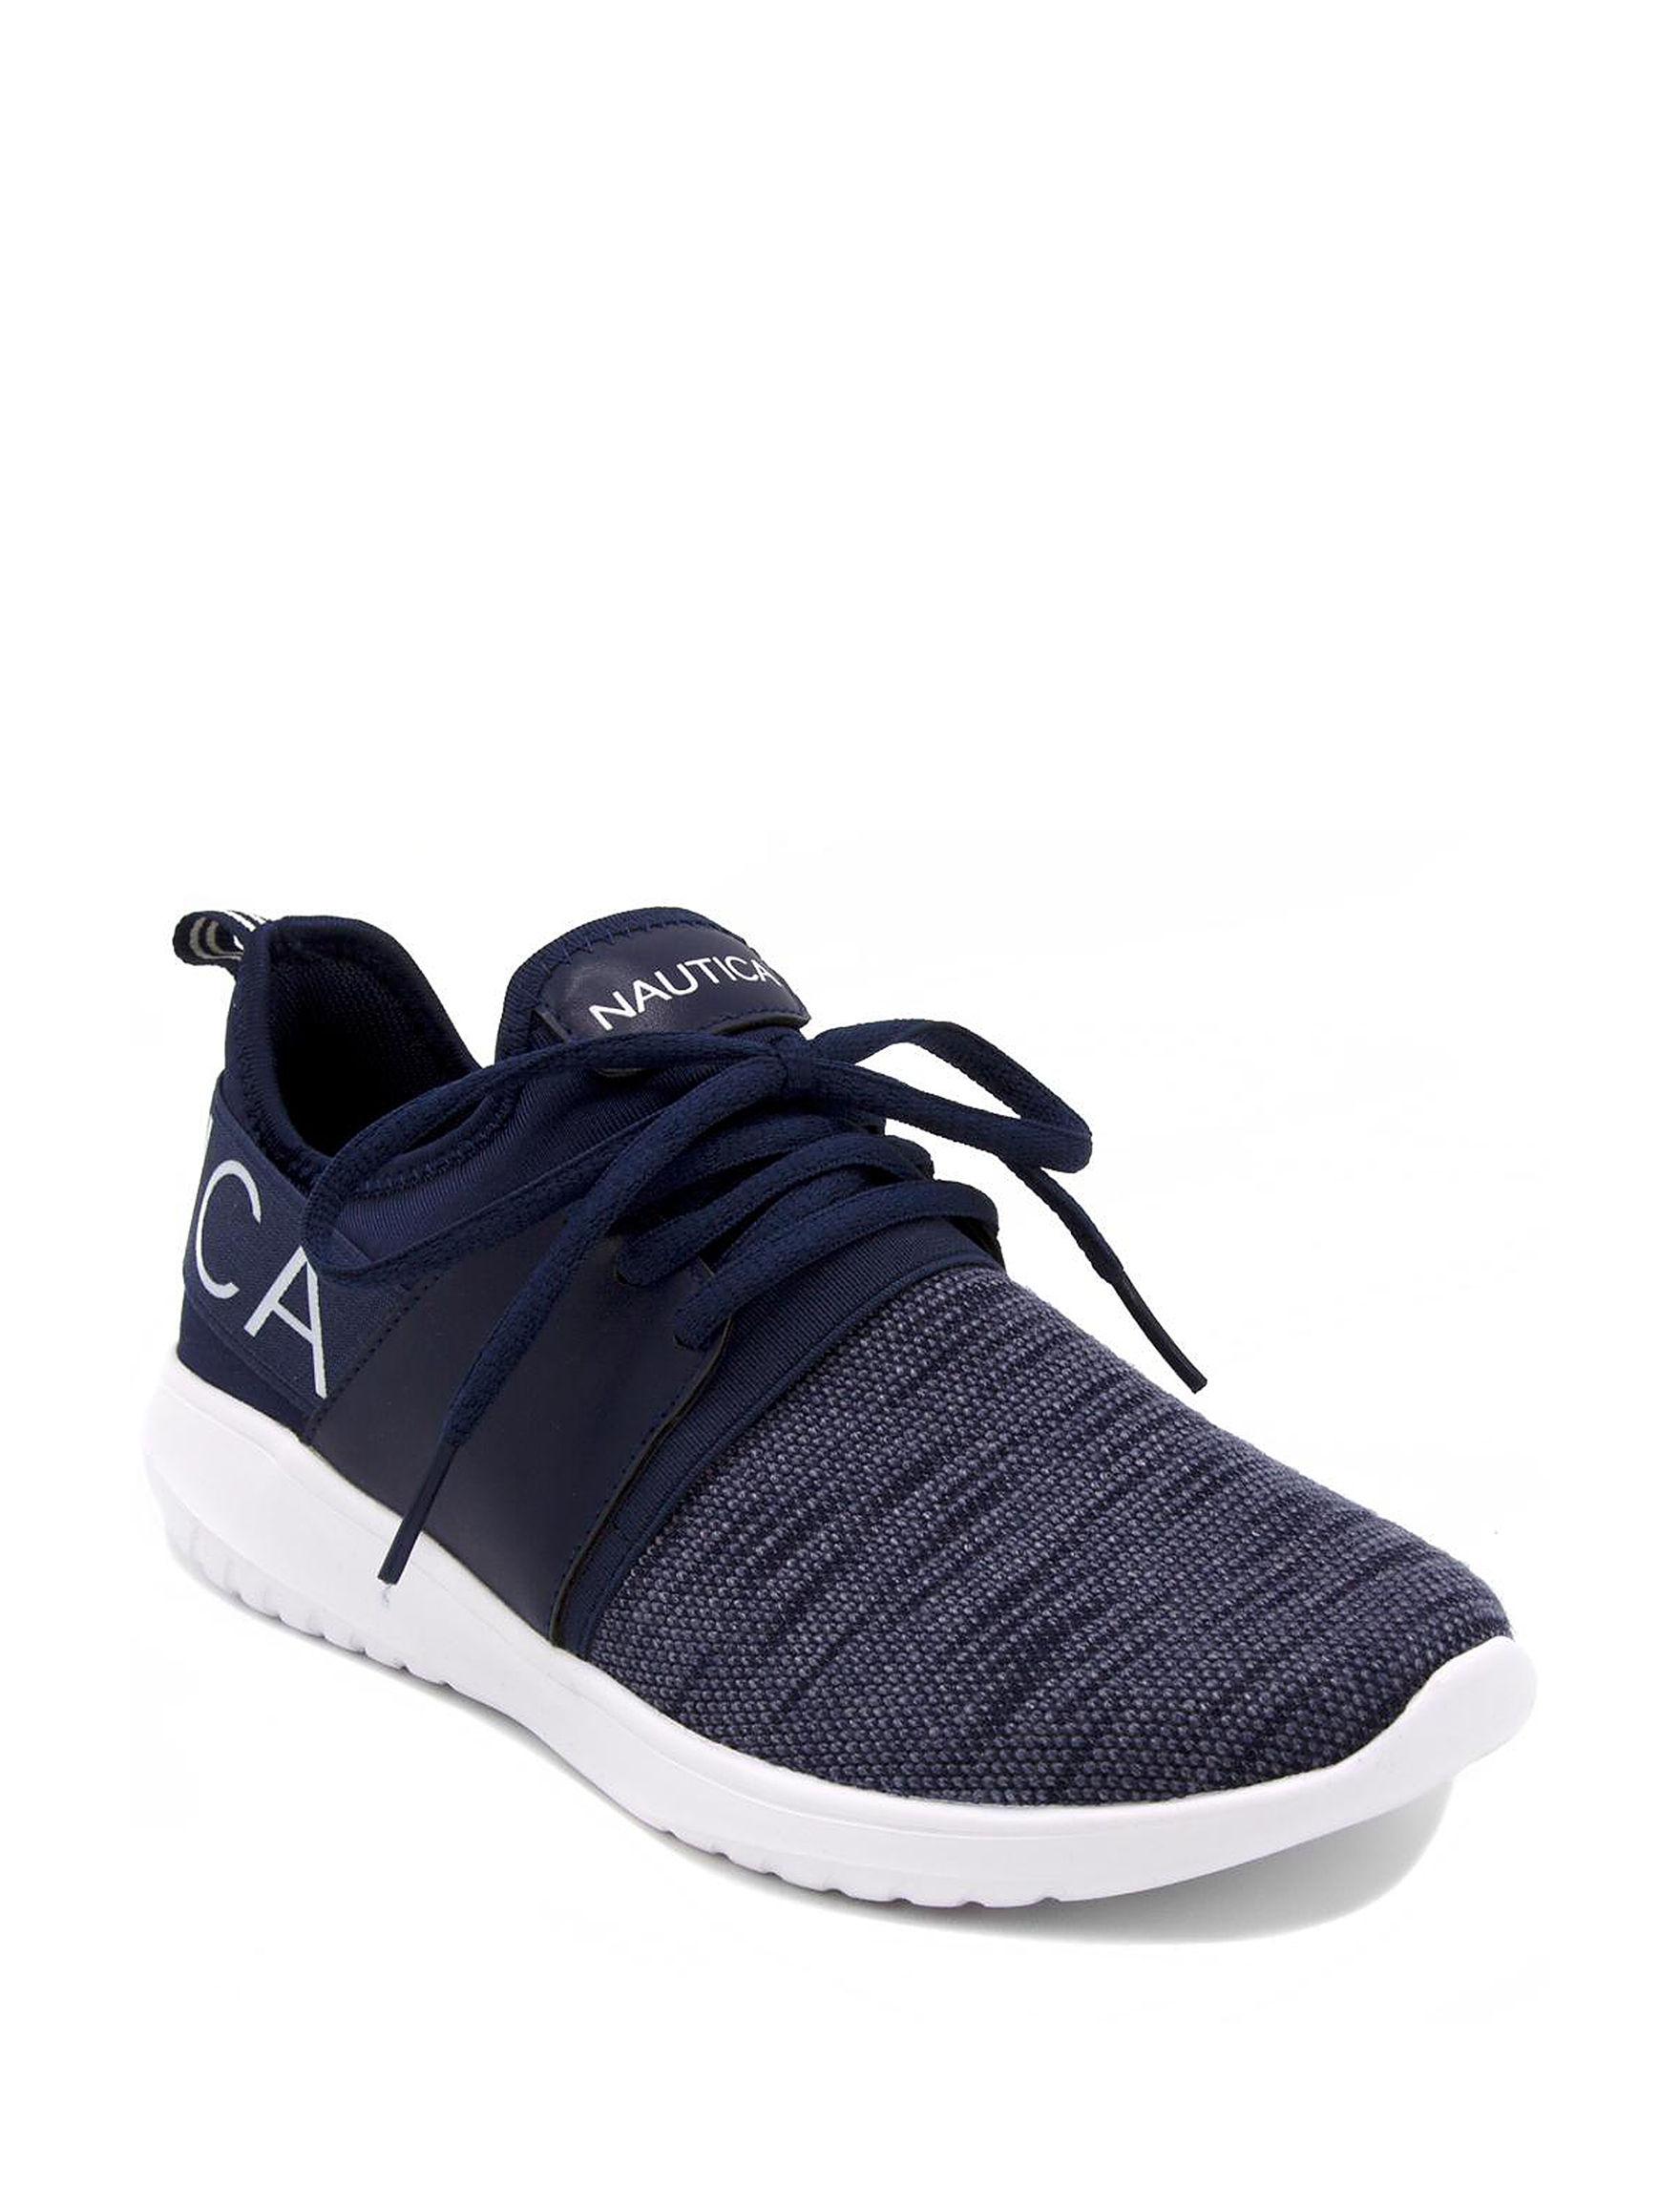 Nautica Navy Comfort Shoes